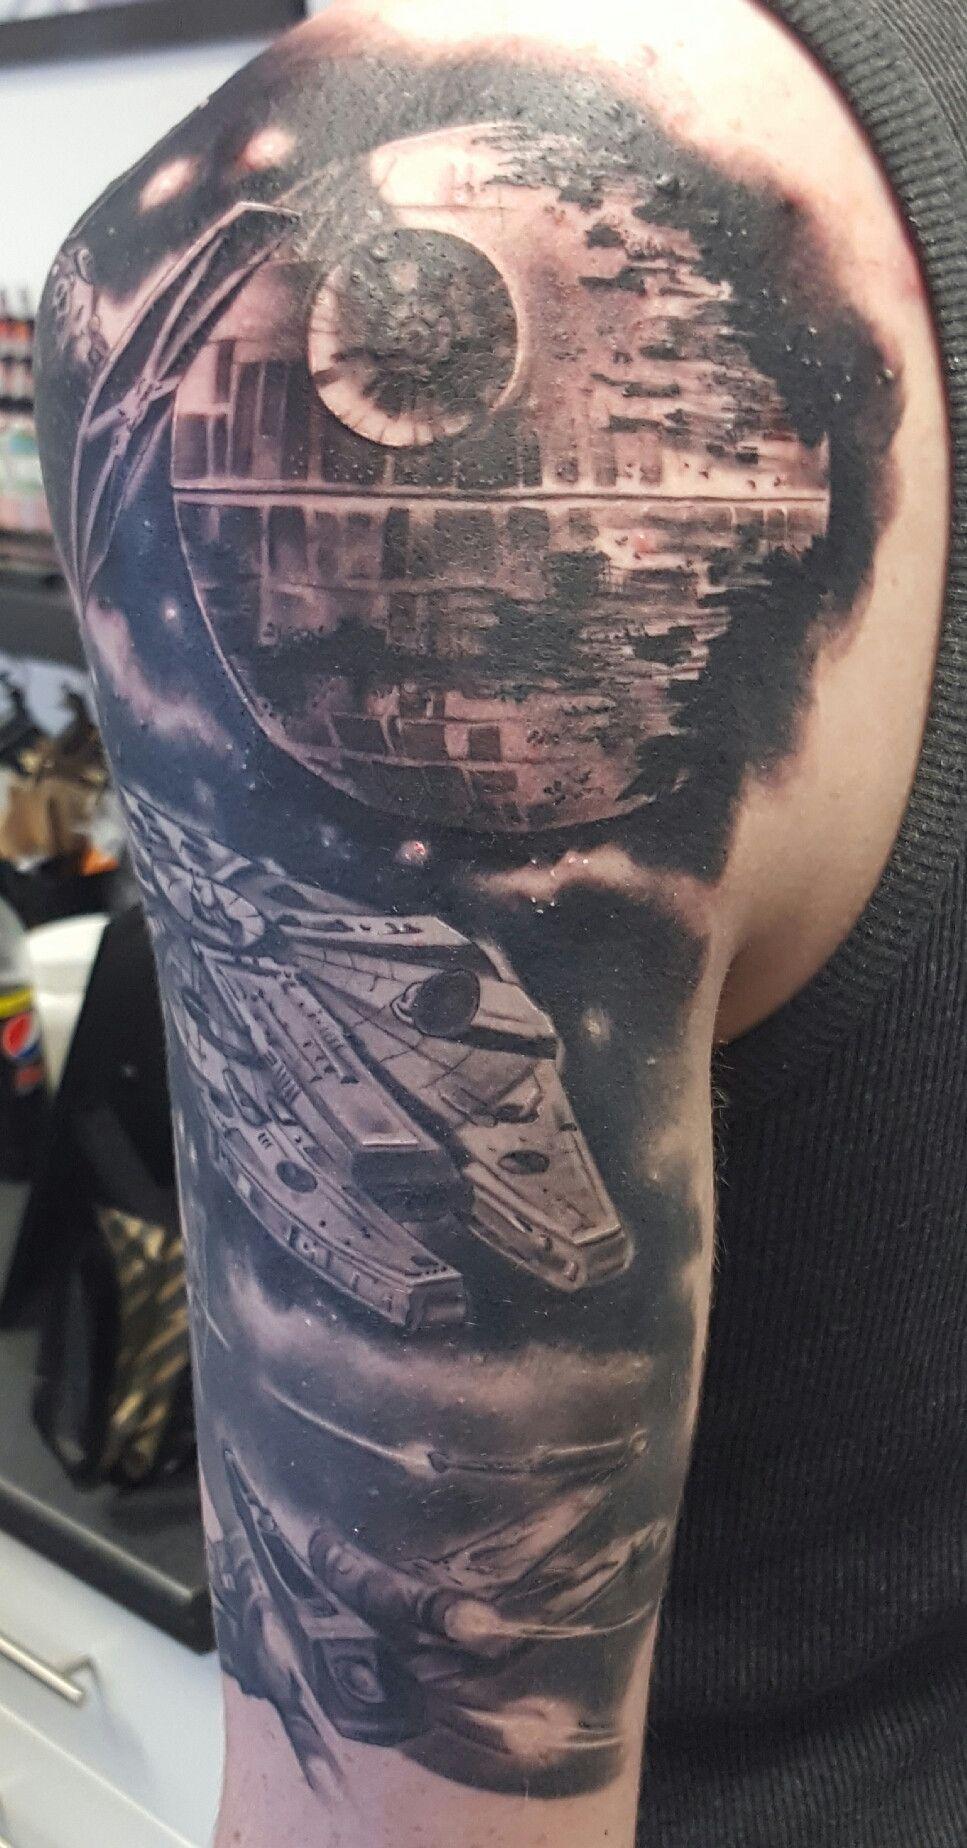 Star Wars Half Sleeve Tattoo : sleeve, tattoo, Sleeve, Kane,, Scribble, Loughton,, /r/tattoos, Tattoo,, Tattoos,, Tattoos